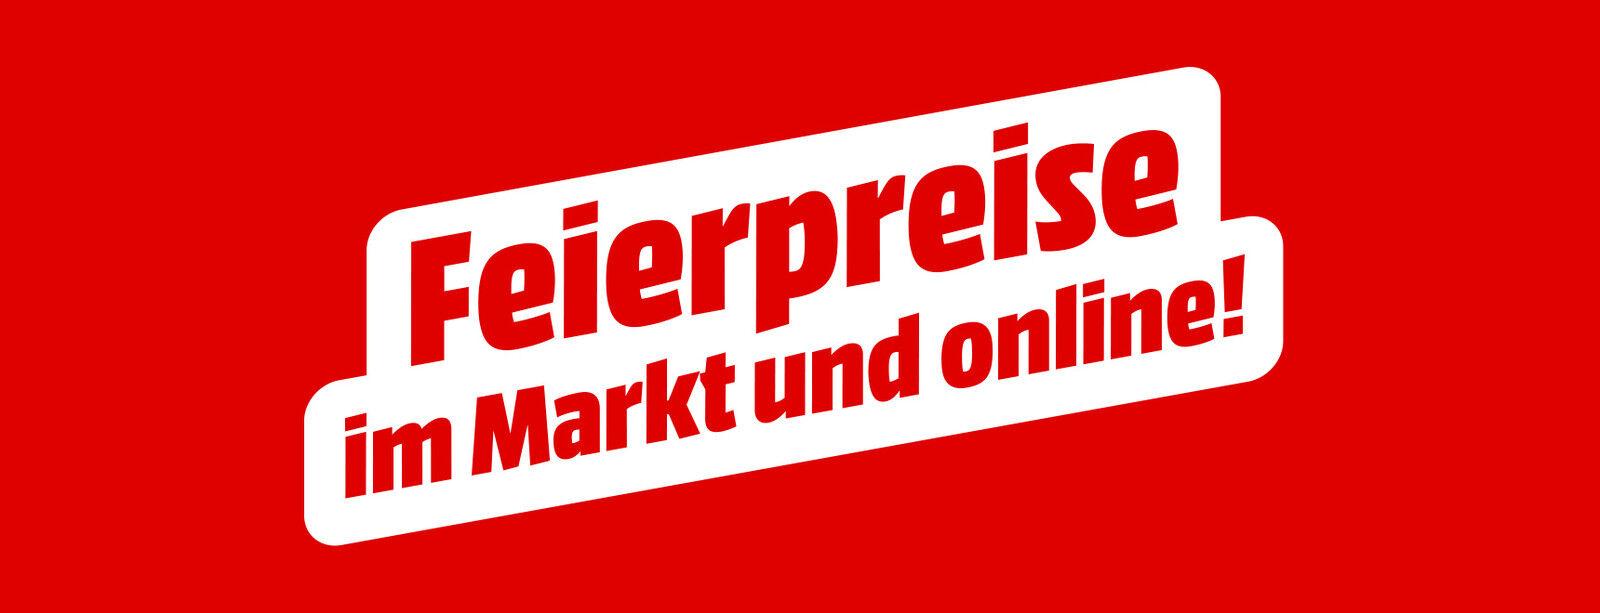 Media Markt feiert vom 17.5. bis 29.5. Geburtstag bei eBay